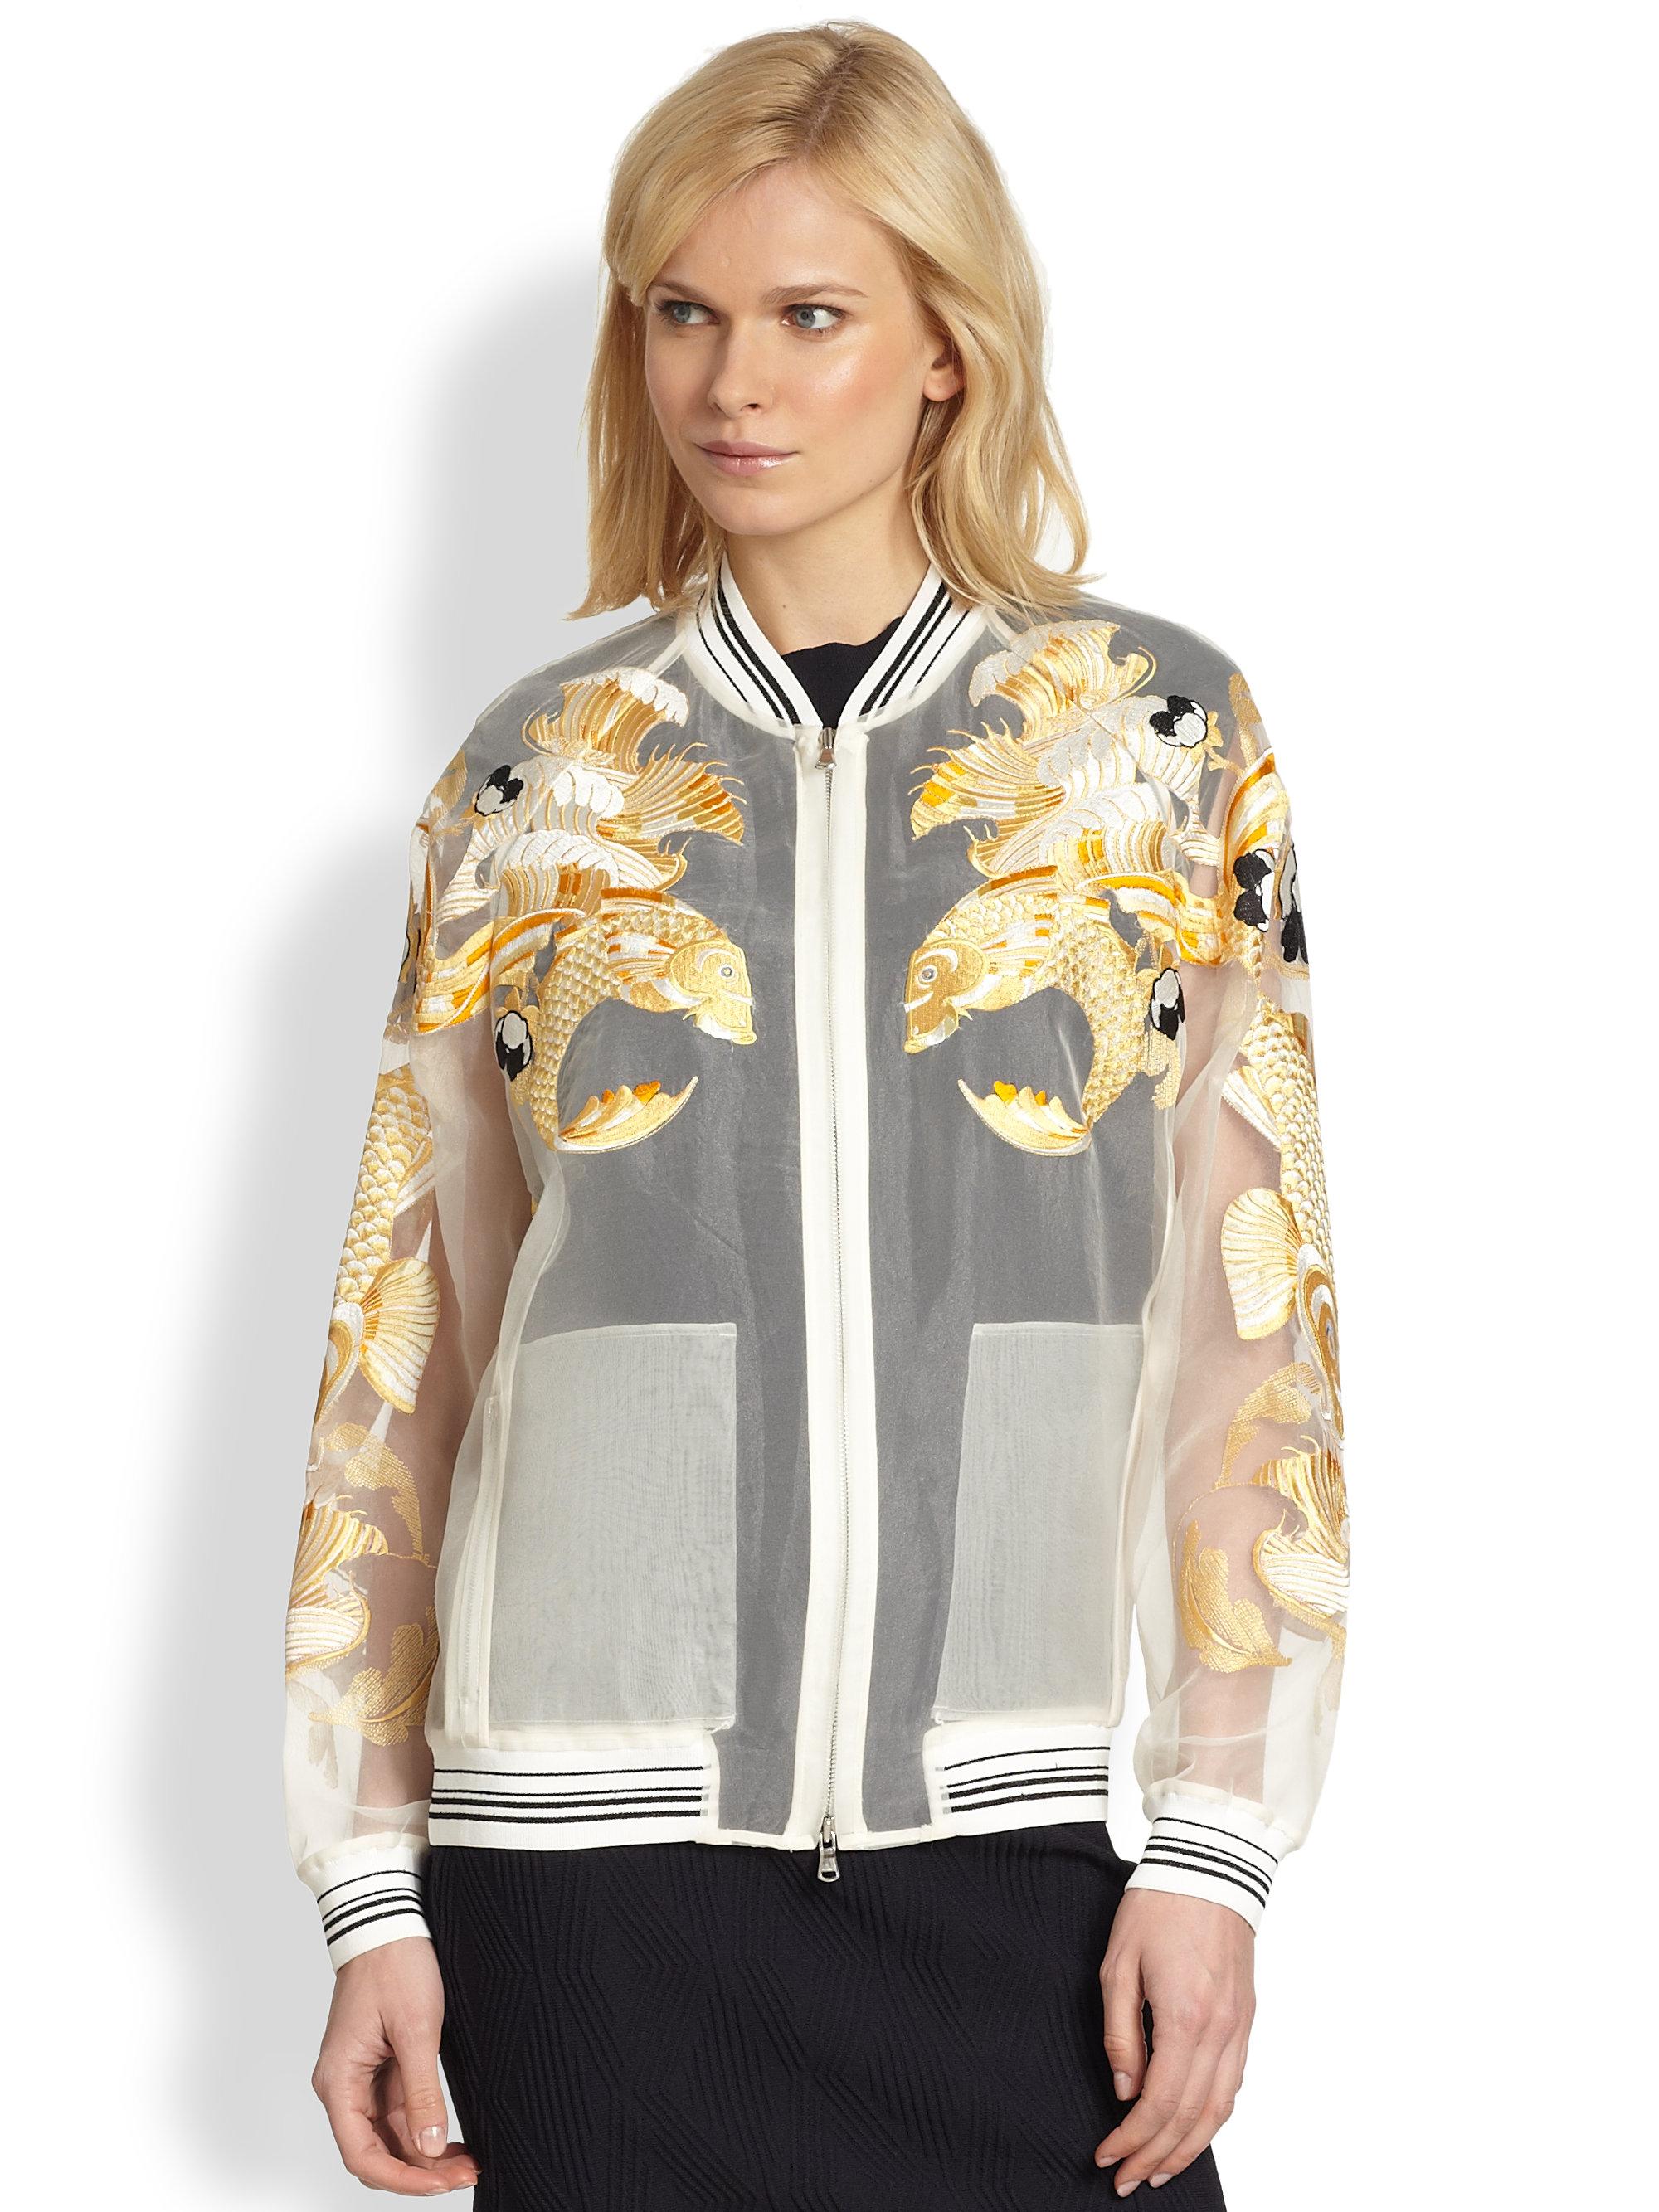 b648dd3b5 3.1 Phillip Lim Natural Fish Embroidered Sheer Organza Bomber Jacket